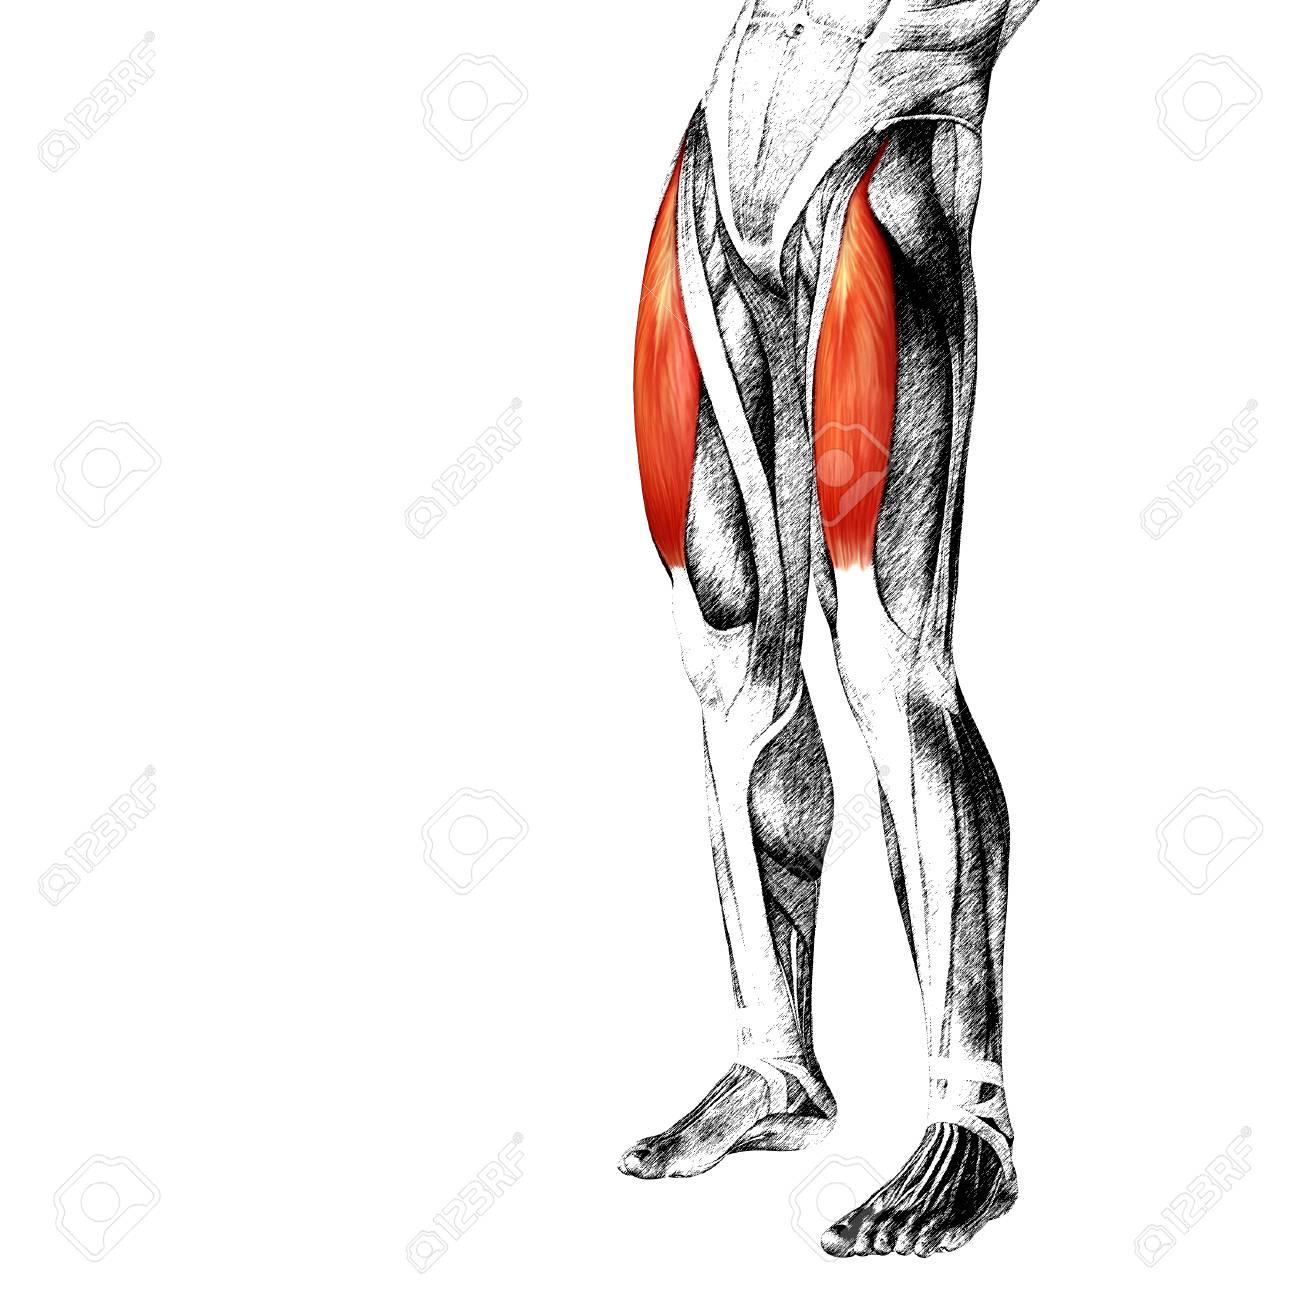 Großartig Anatomie Der Oberschenkelmuskulatur Ideen - Anatomie Ideen ...